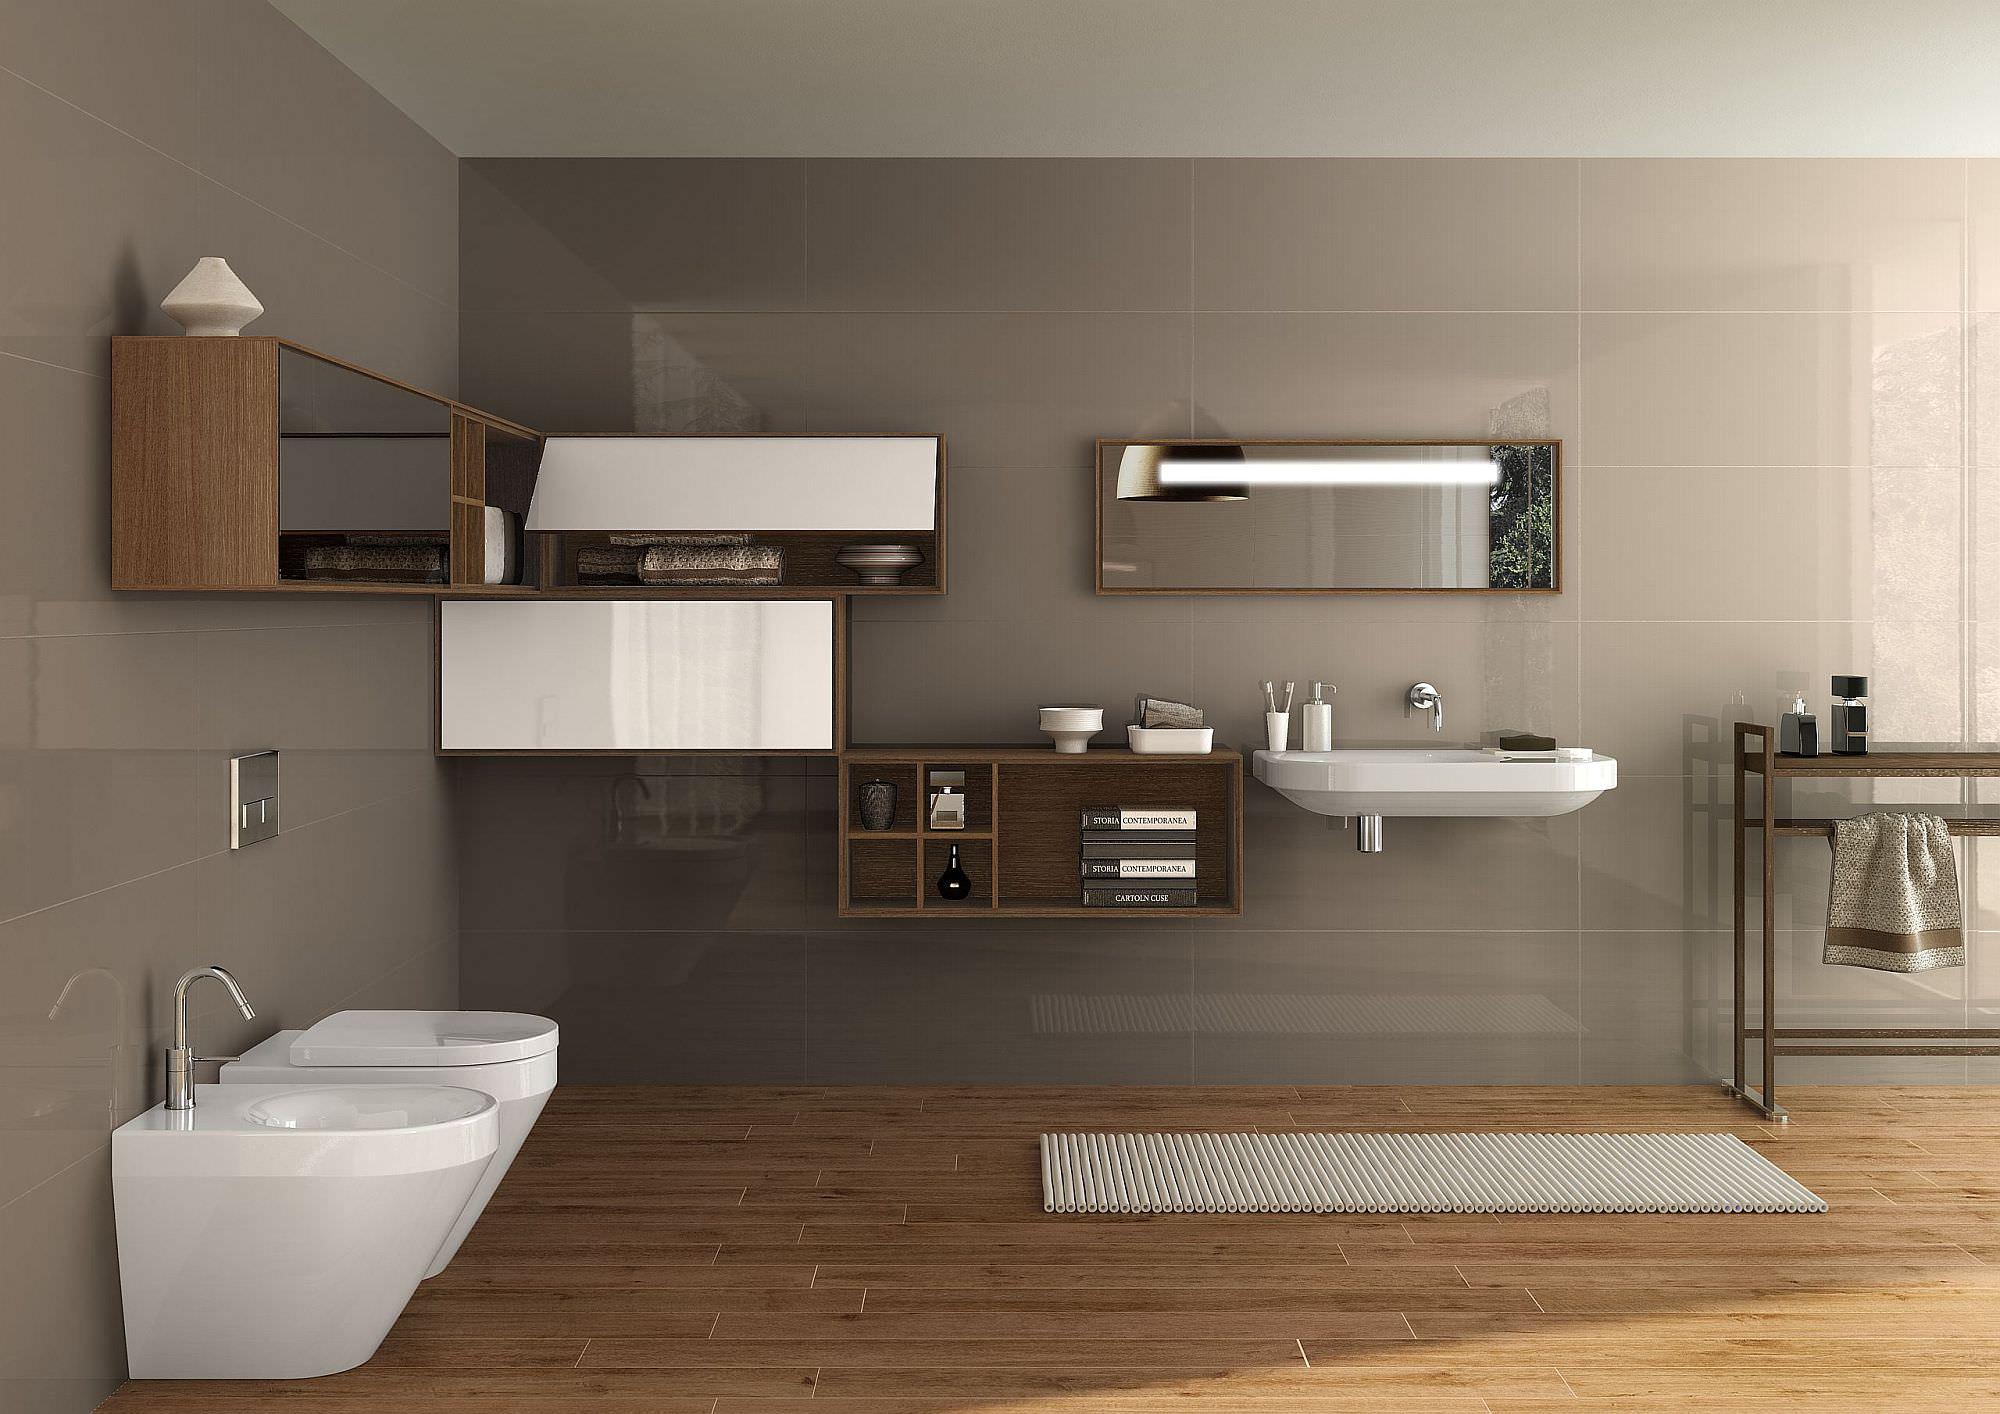 Mobili Componibili Bagno : Mobili componibili per il bagno